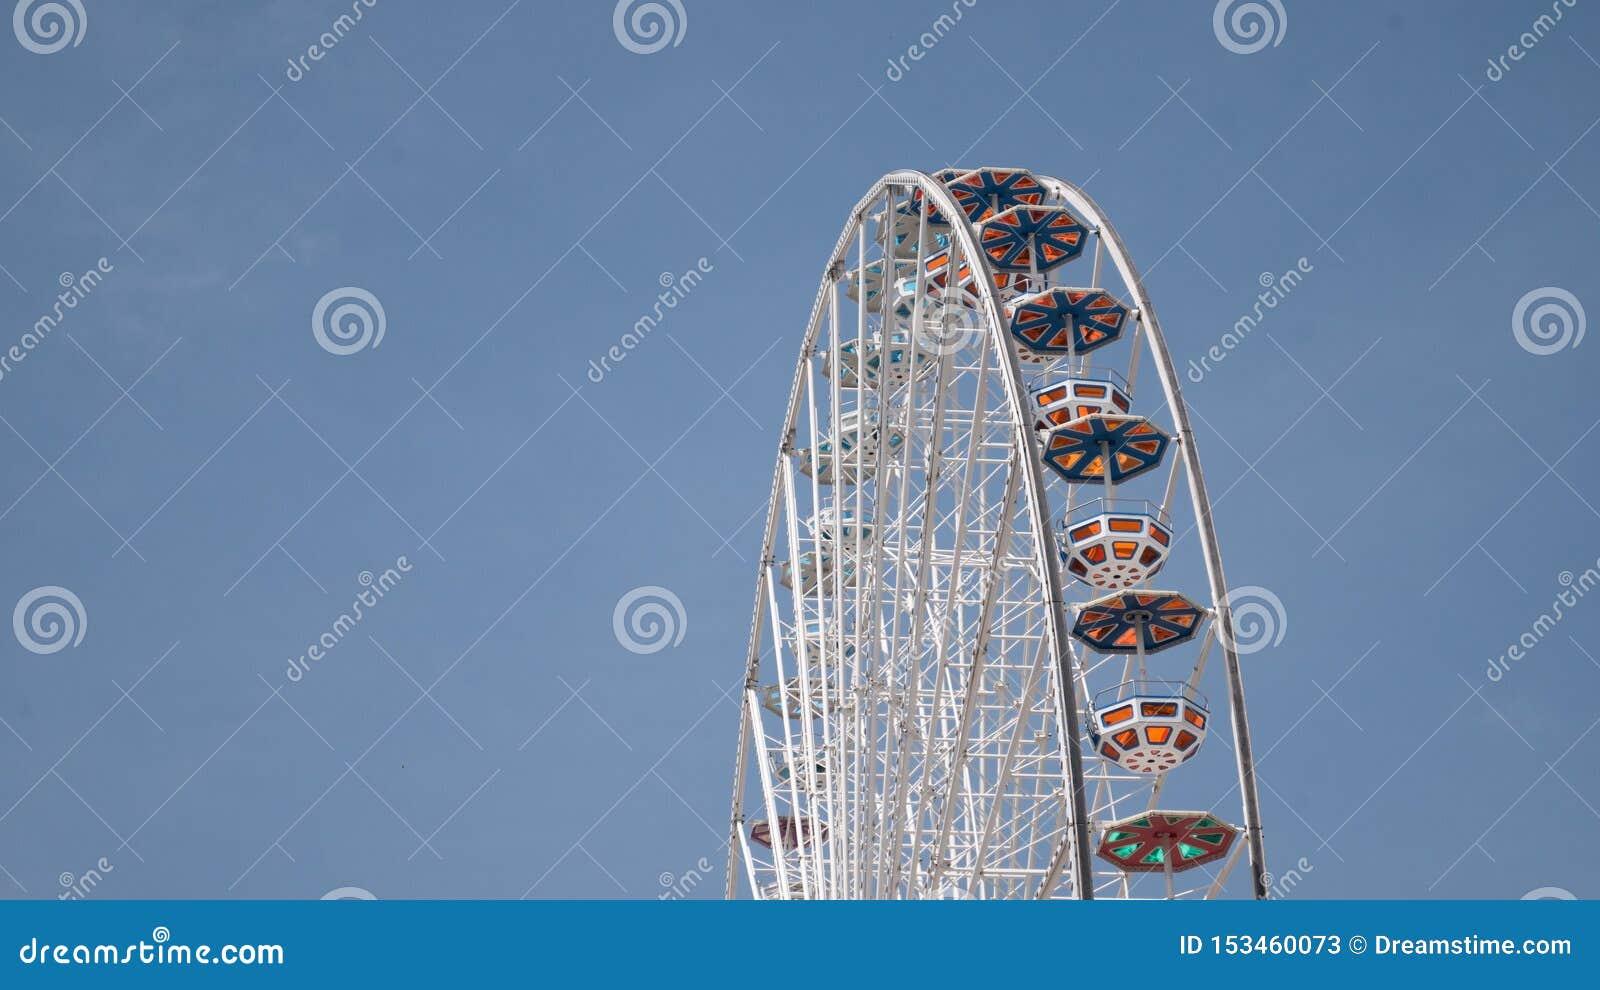 Ferris wheel at Prater vienna